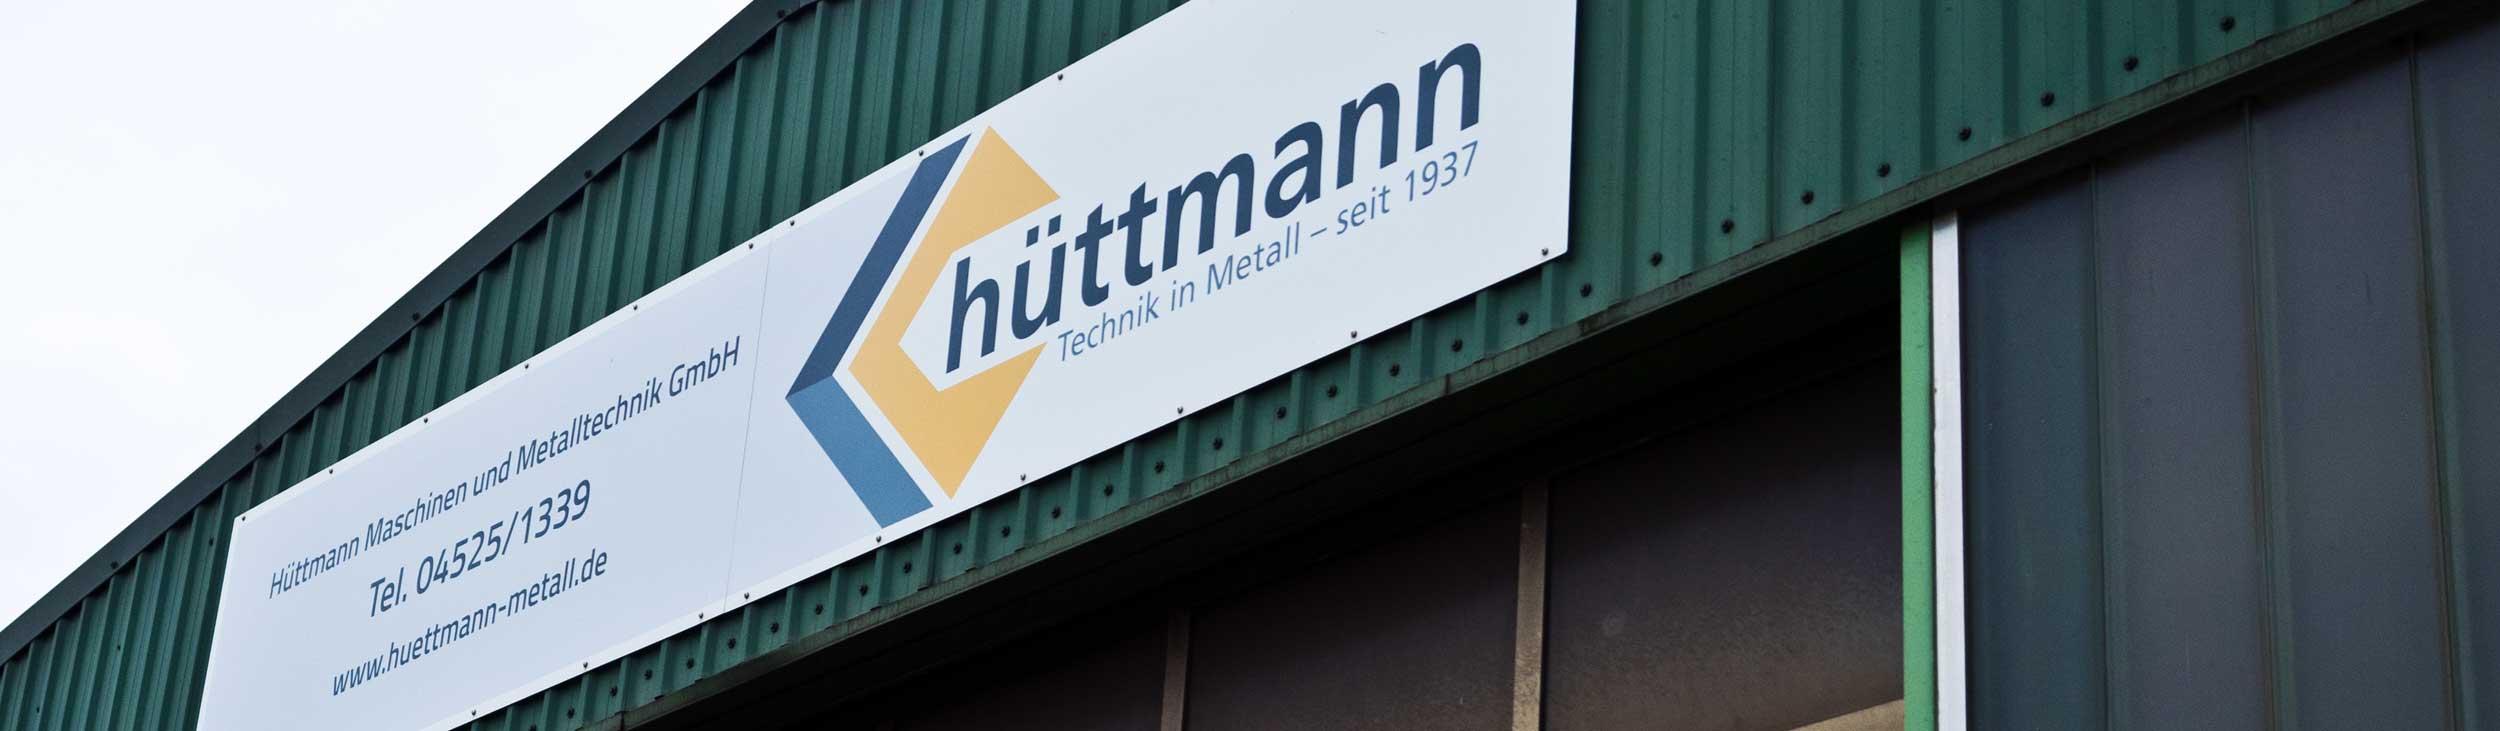 Hüttmann Metall